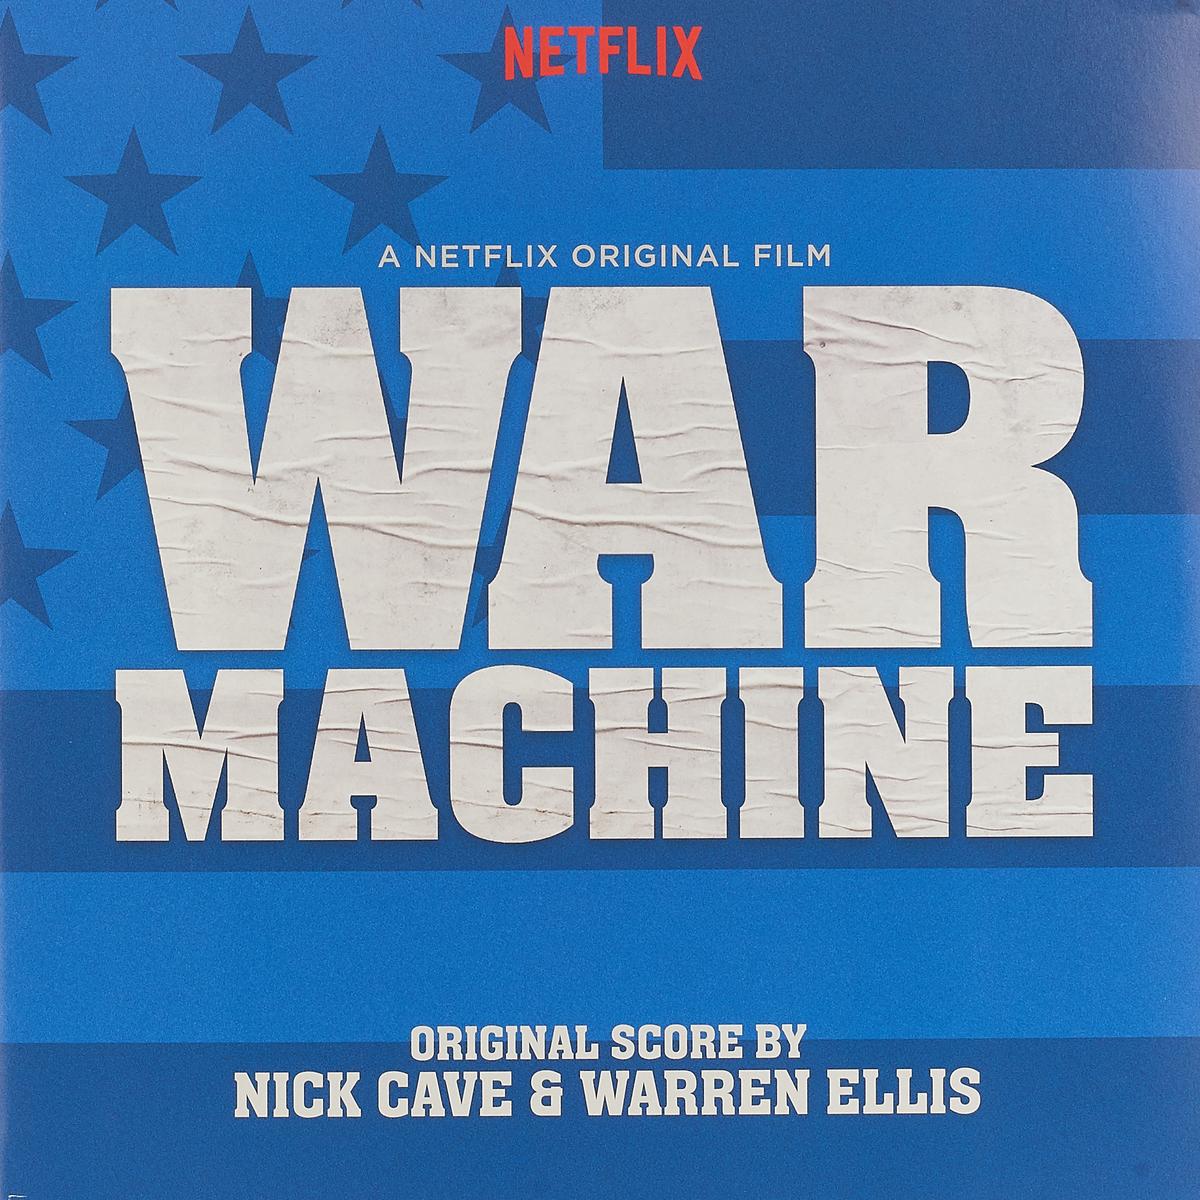 Ник Кейв,Уоррен Эллис Nick Cave & Warren Ellis. War Machine (A Netflix Original Film Soundtrack) (2 LP) виниловая пластинка nick cave ellis warren kings ost